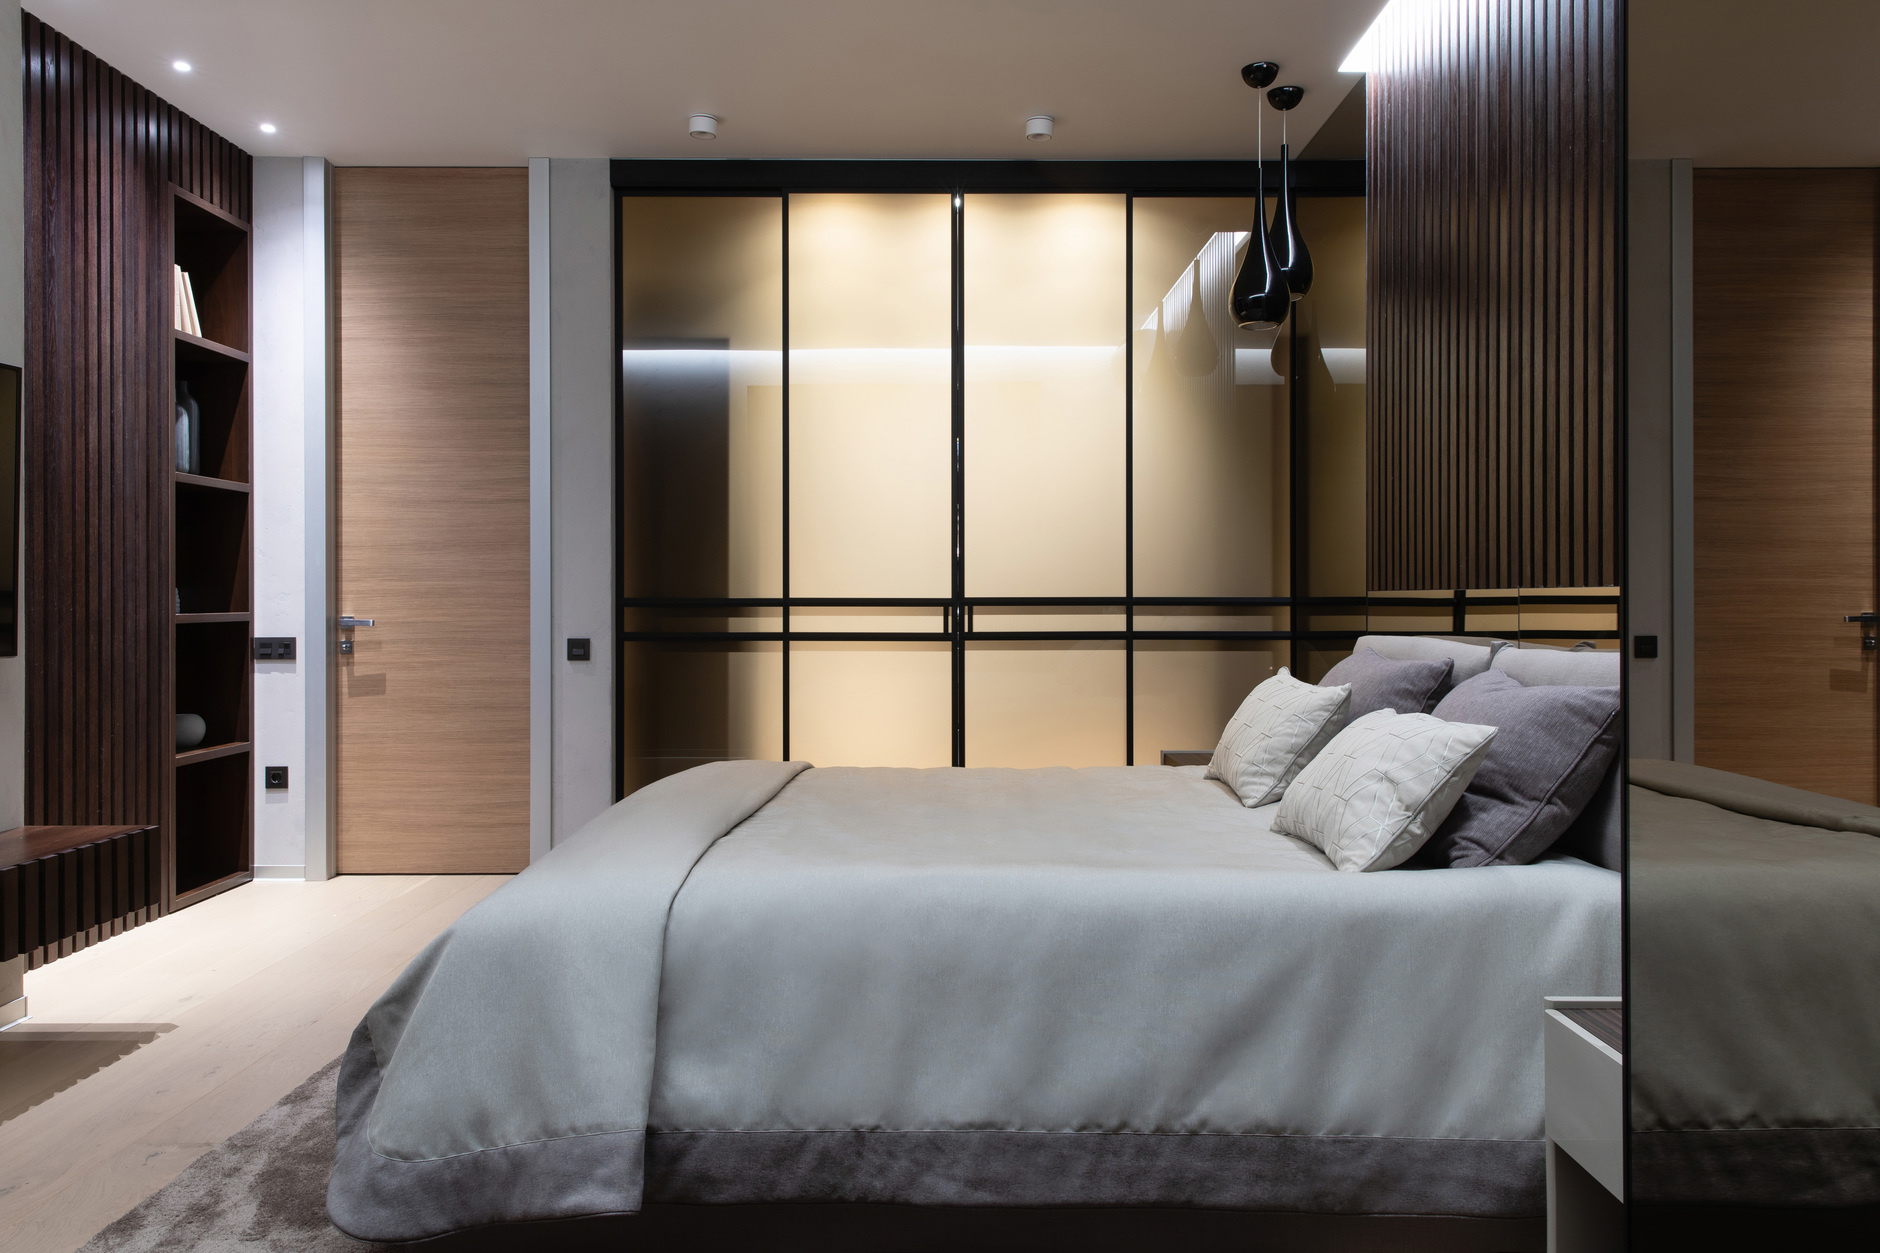 15 интерьеров в стиле минимализм (галерея 0, фото 1)